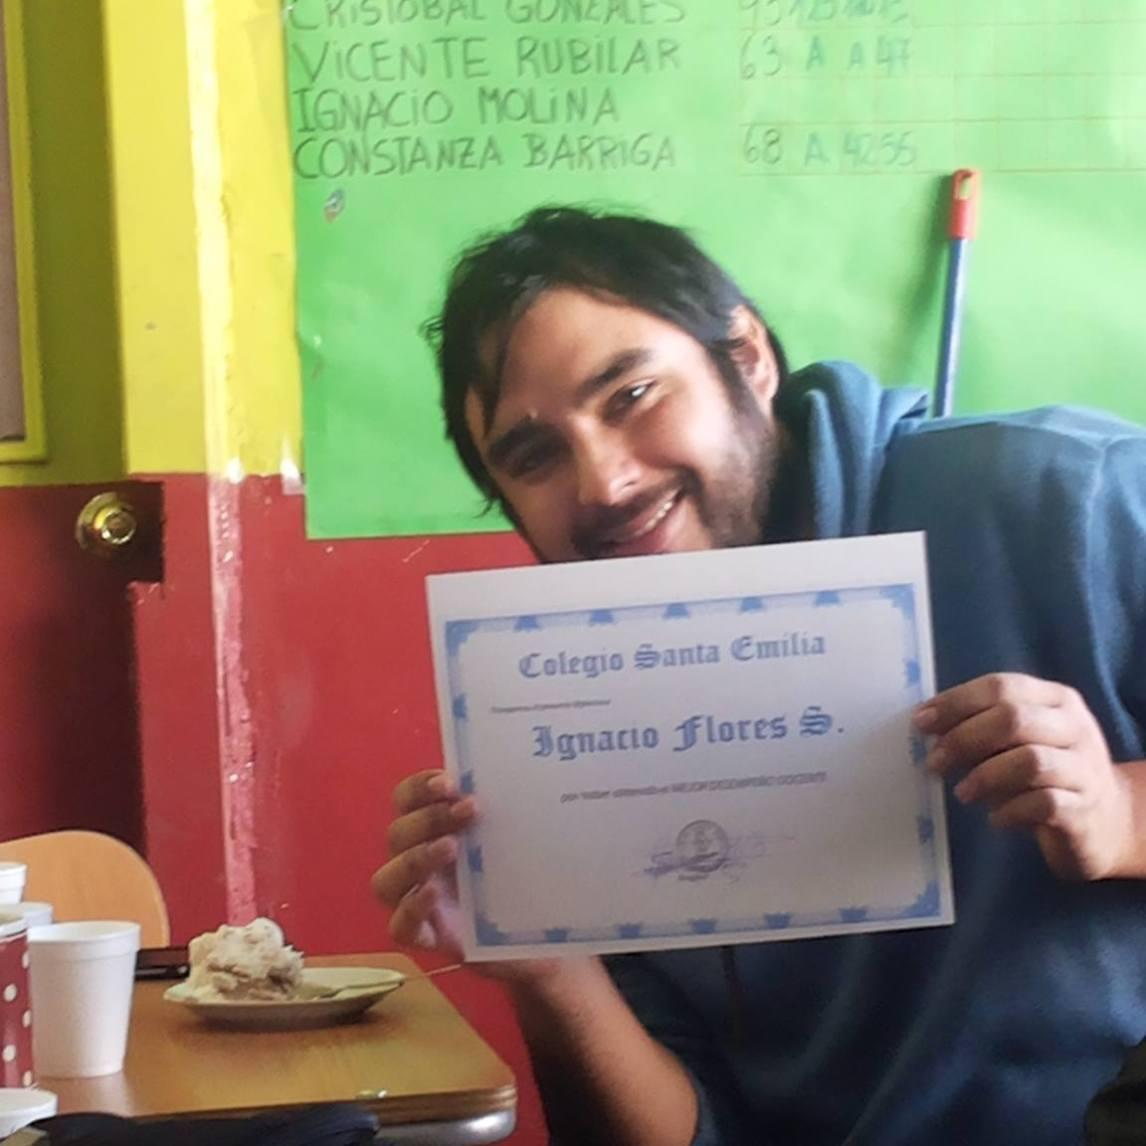 Ignacio Flores recibe su diploma e incentivo económico por su destacada labor y perfil como docente destacado del Colegio Sta. Emilia.